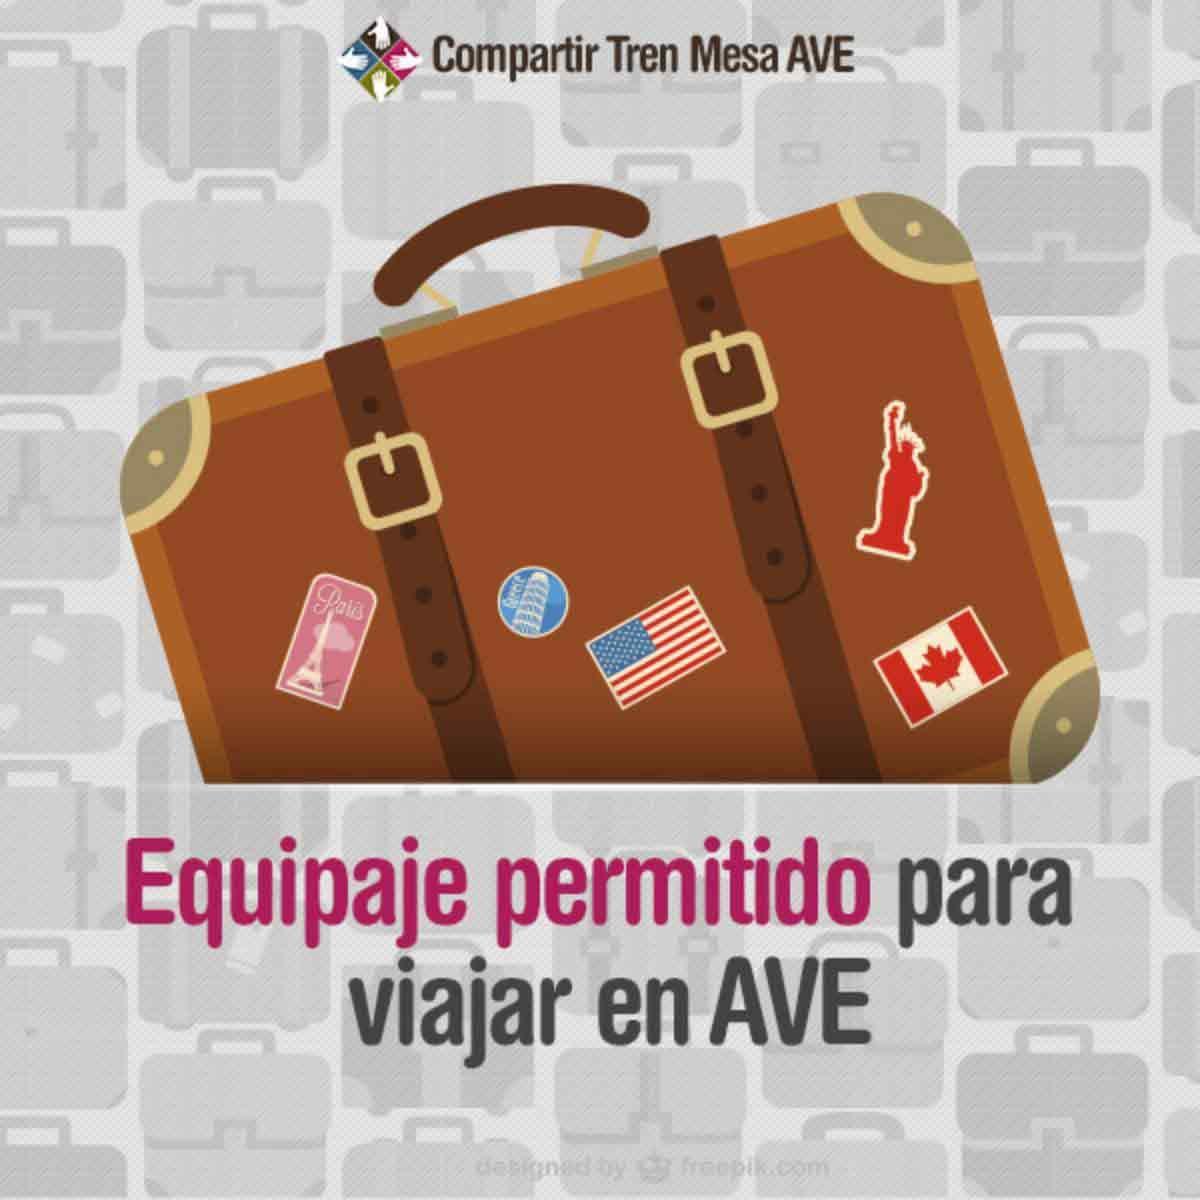 686d85b8e ¿Qué equipaje está permitido para viajar en AVE?